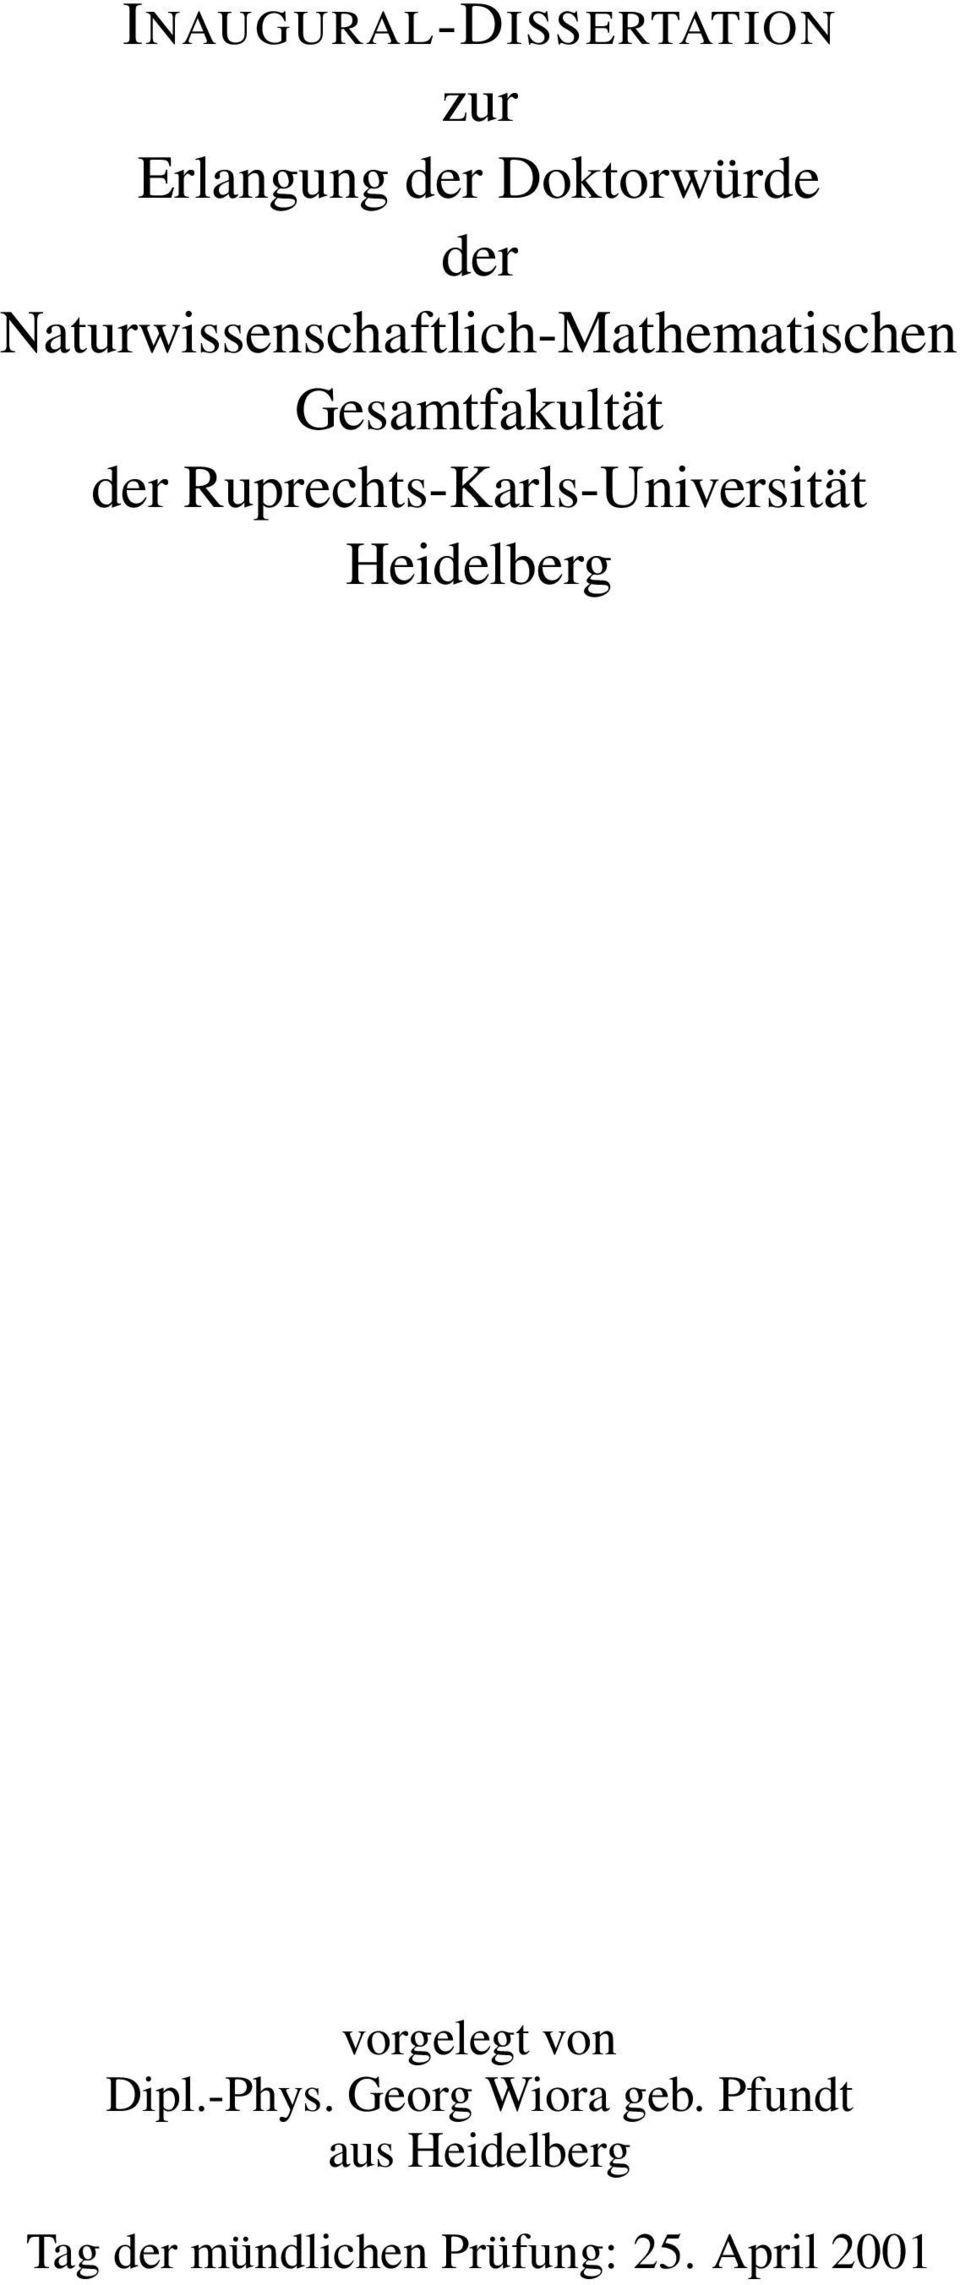 Kalender 2019 Pdf A3 Más Recientemente Liberado Synonym Vereinbarung Beautiful Vorgelegt Von Dipl Phys Georg Wiora Of Kalender 2019 Pdf A3 Mejores Y Más Novedosos Kalender 2016 A4 Quer